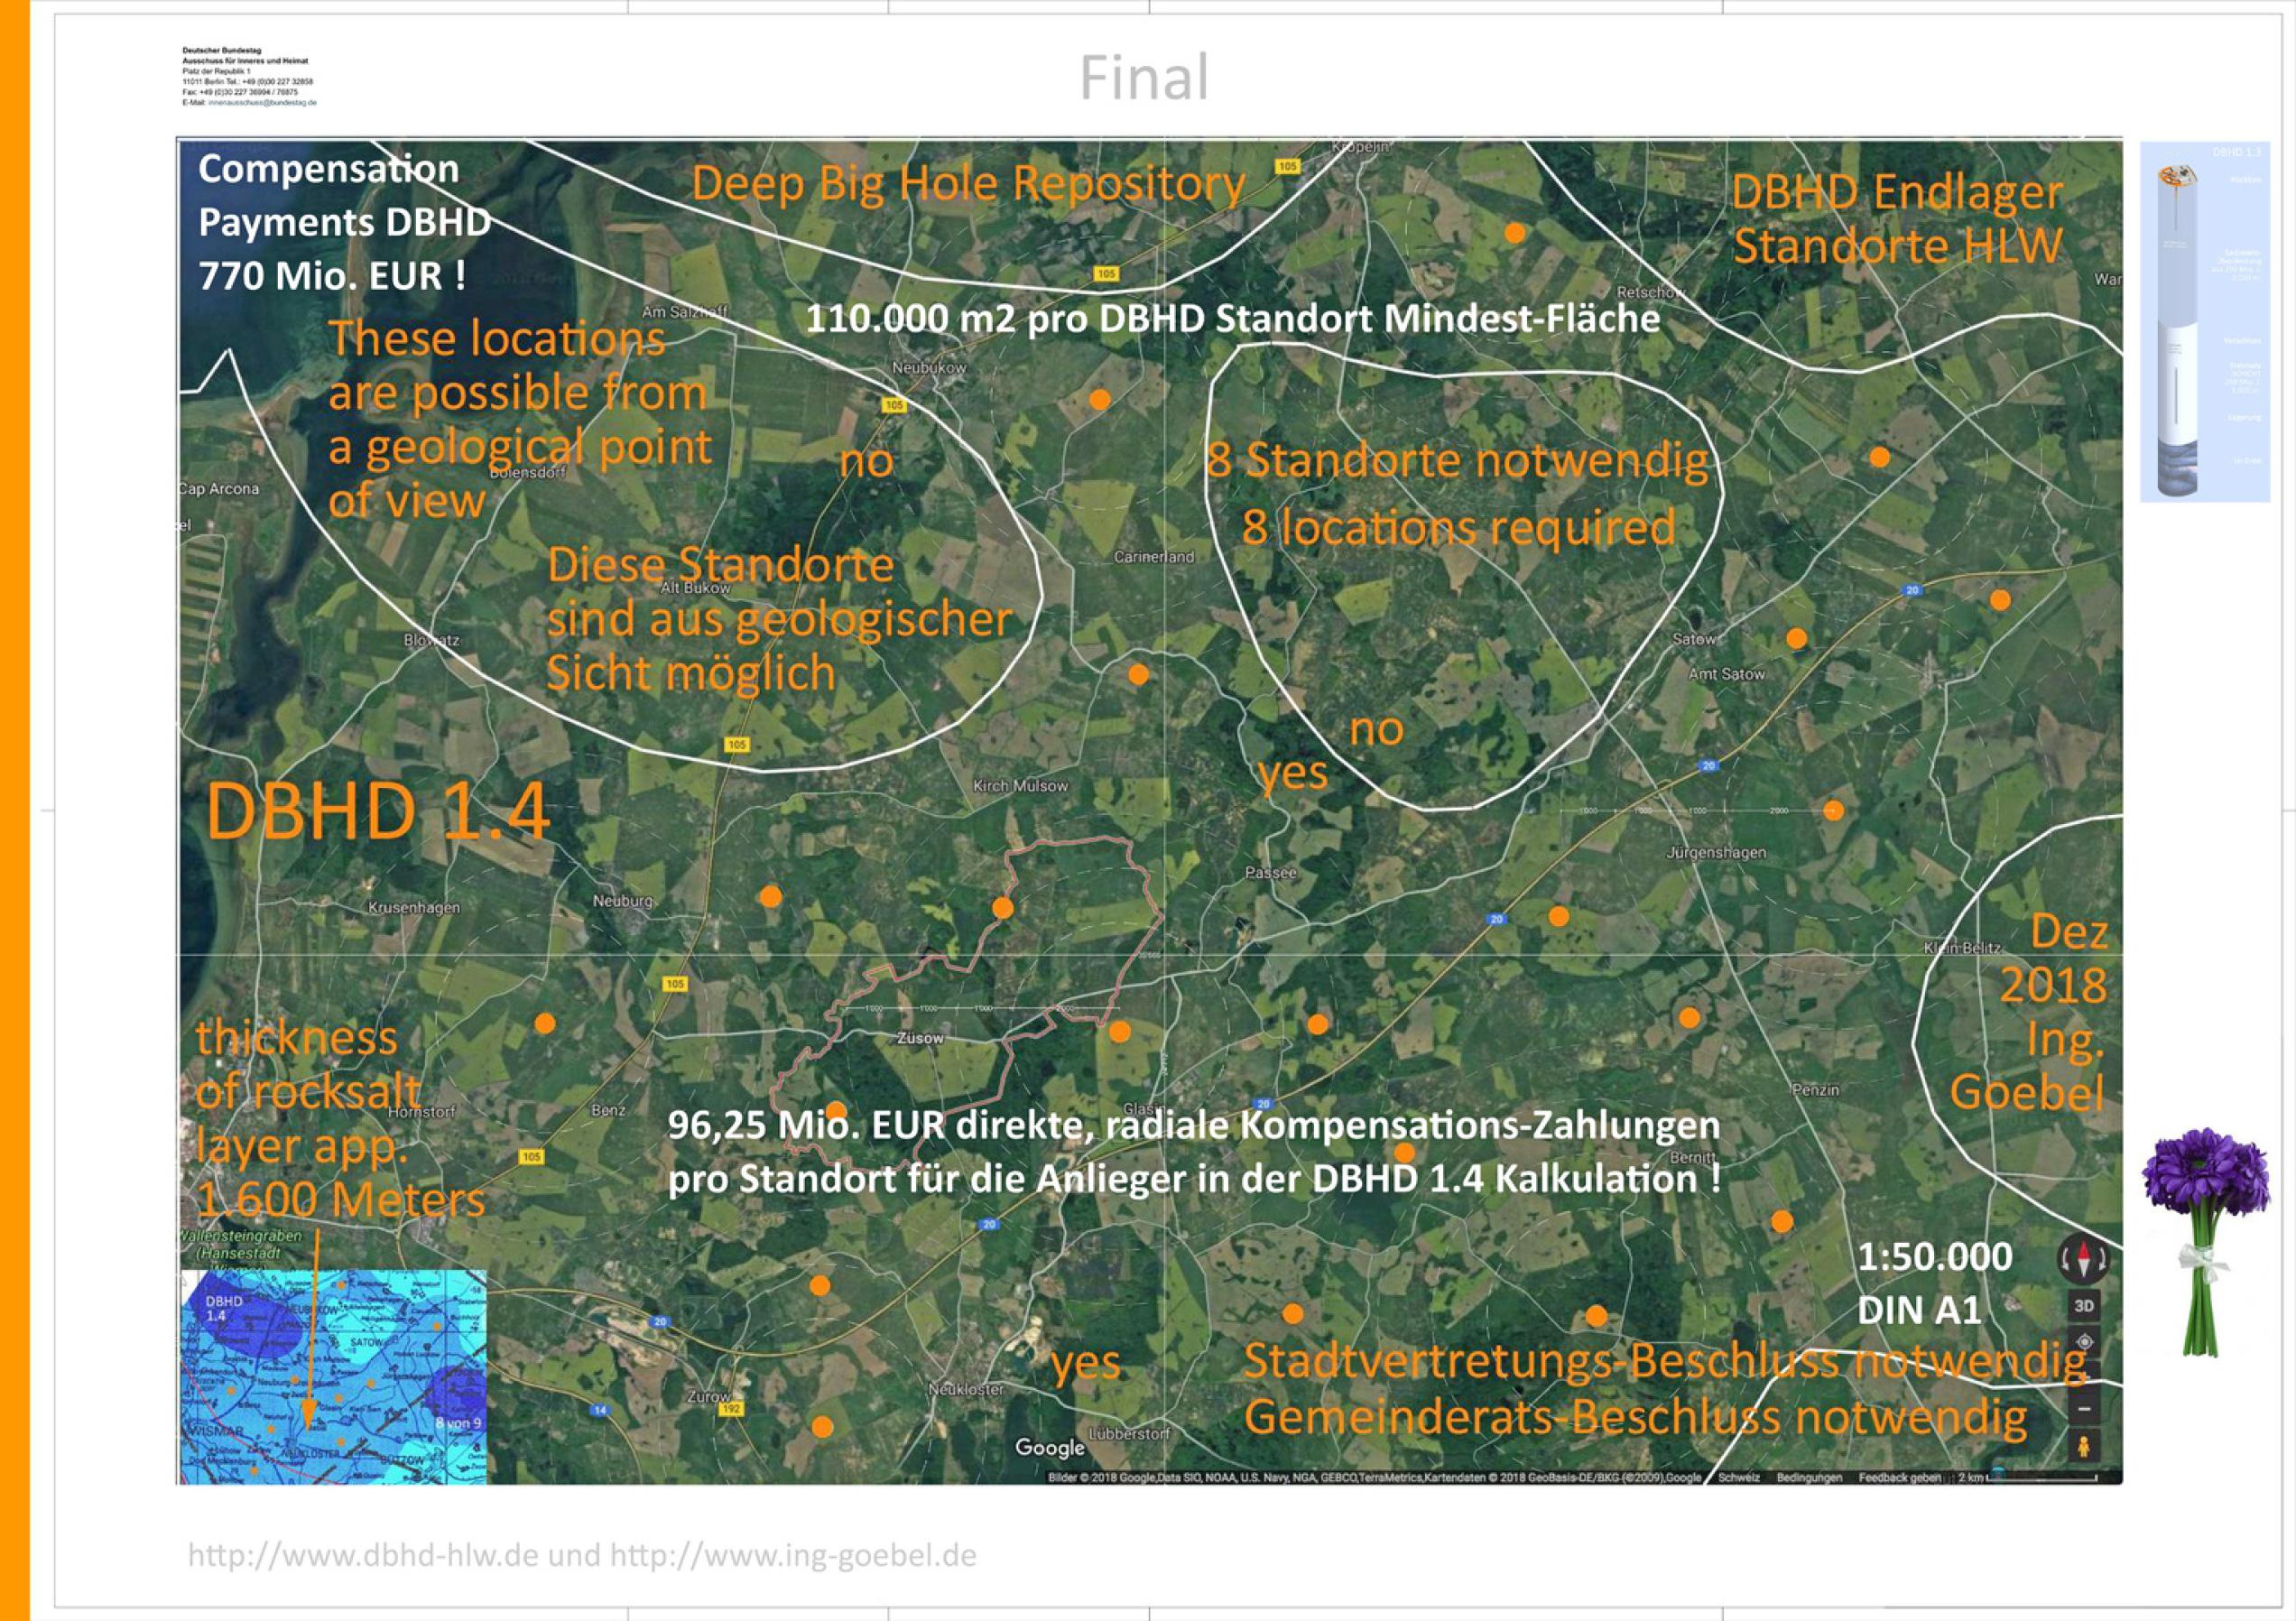 DBHD_1.3_Endlager_Standorte_Kompensationsradien_Karte_ing_Goebel_Basis_Geologische_Karte_auf_Satellitenbild